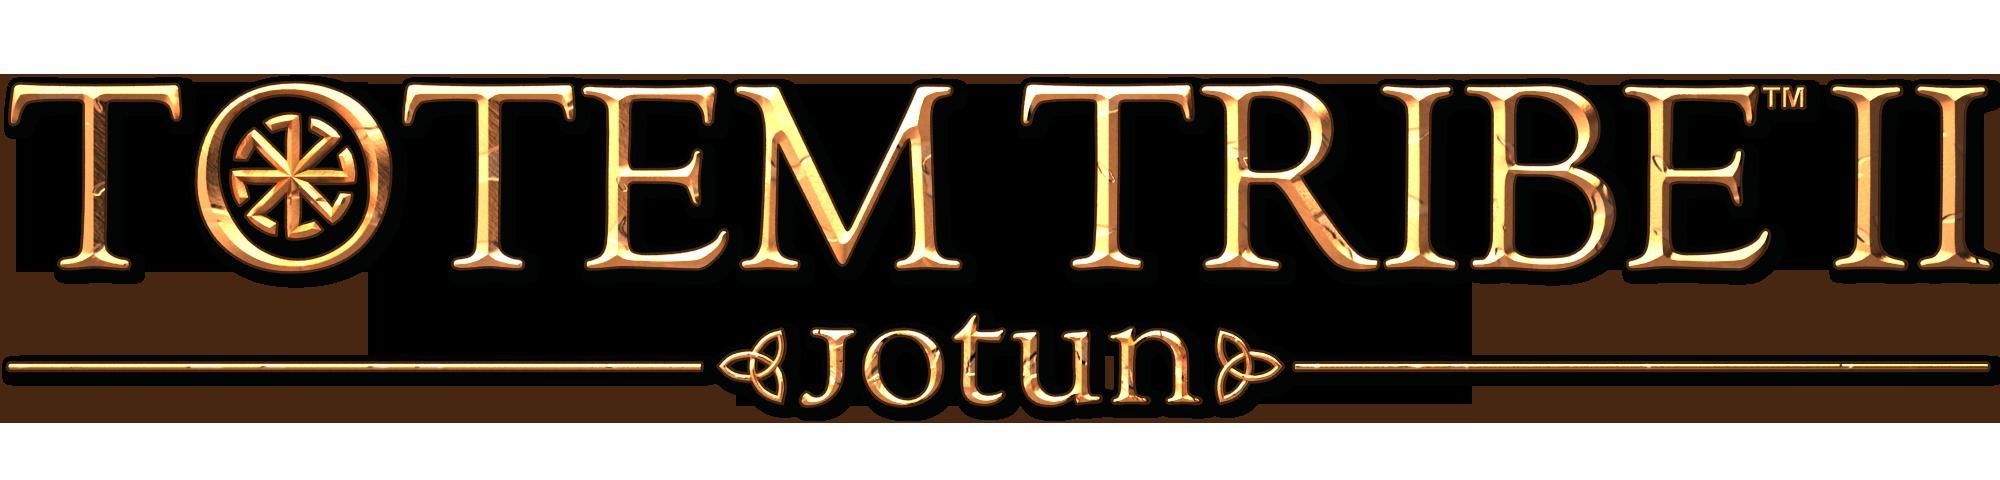 Totem Tribe II: Jotun